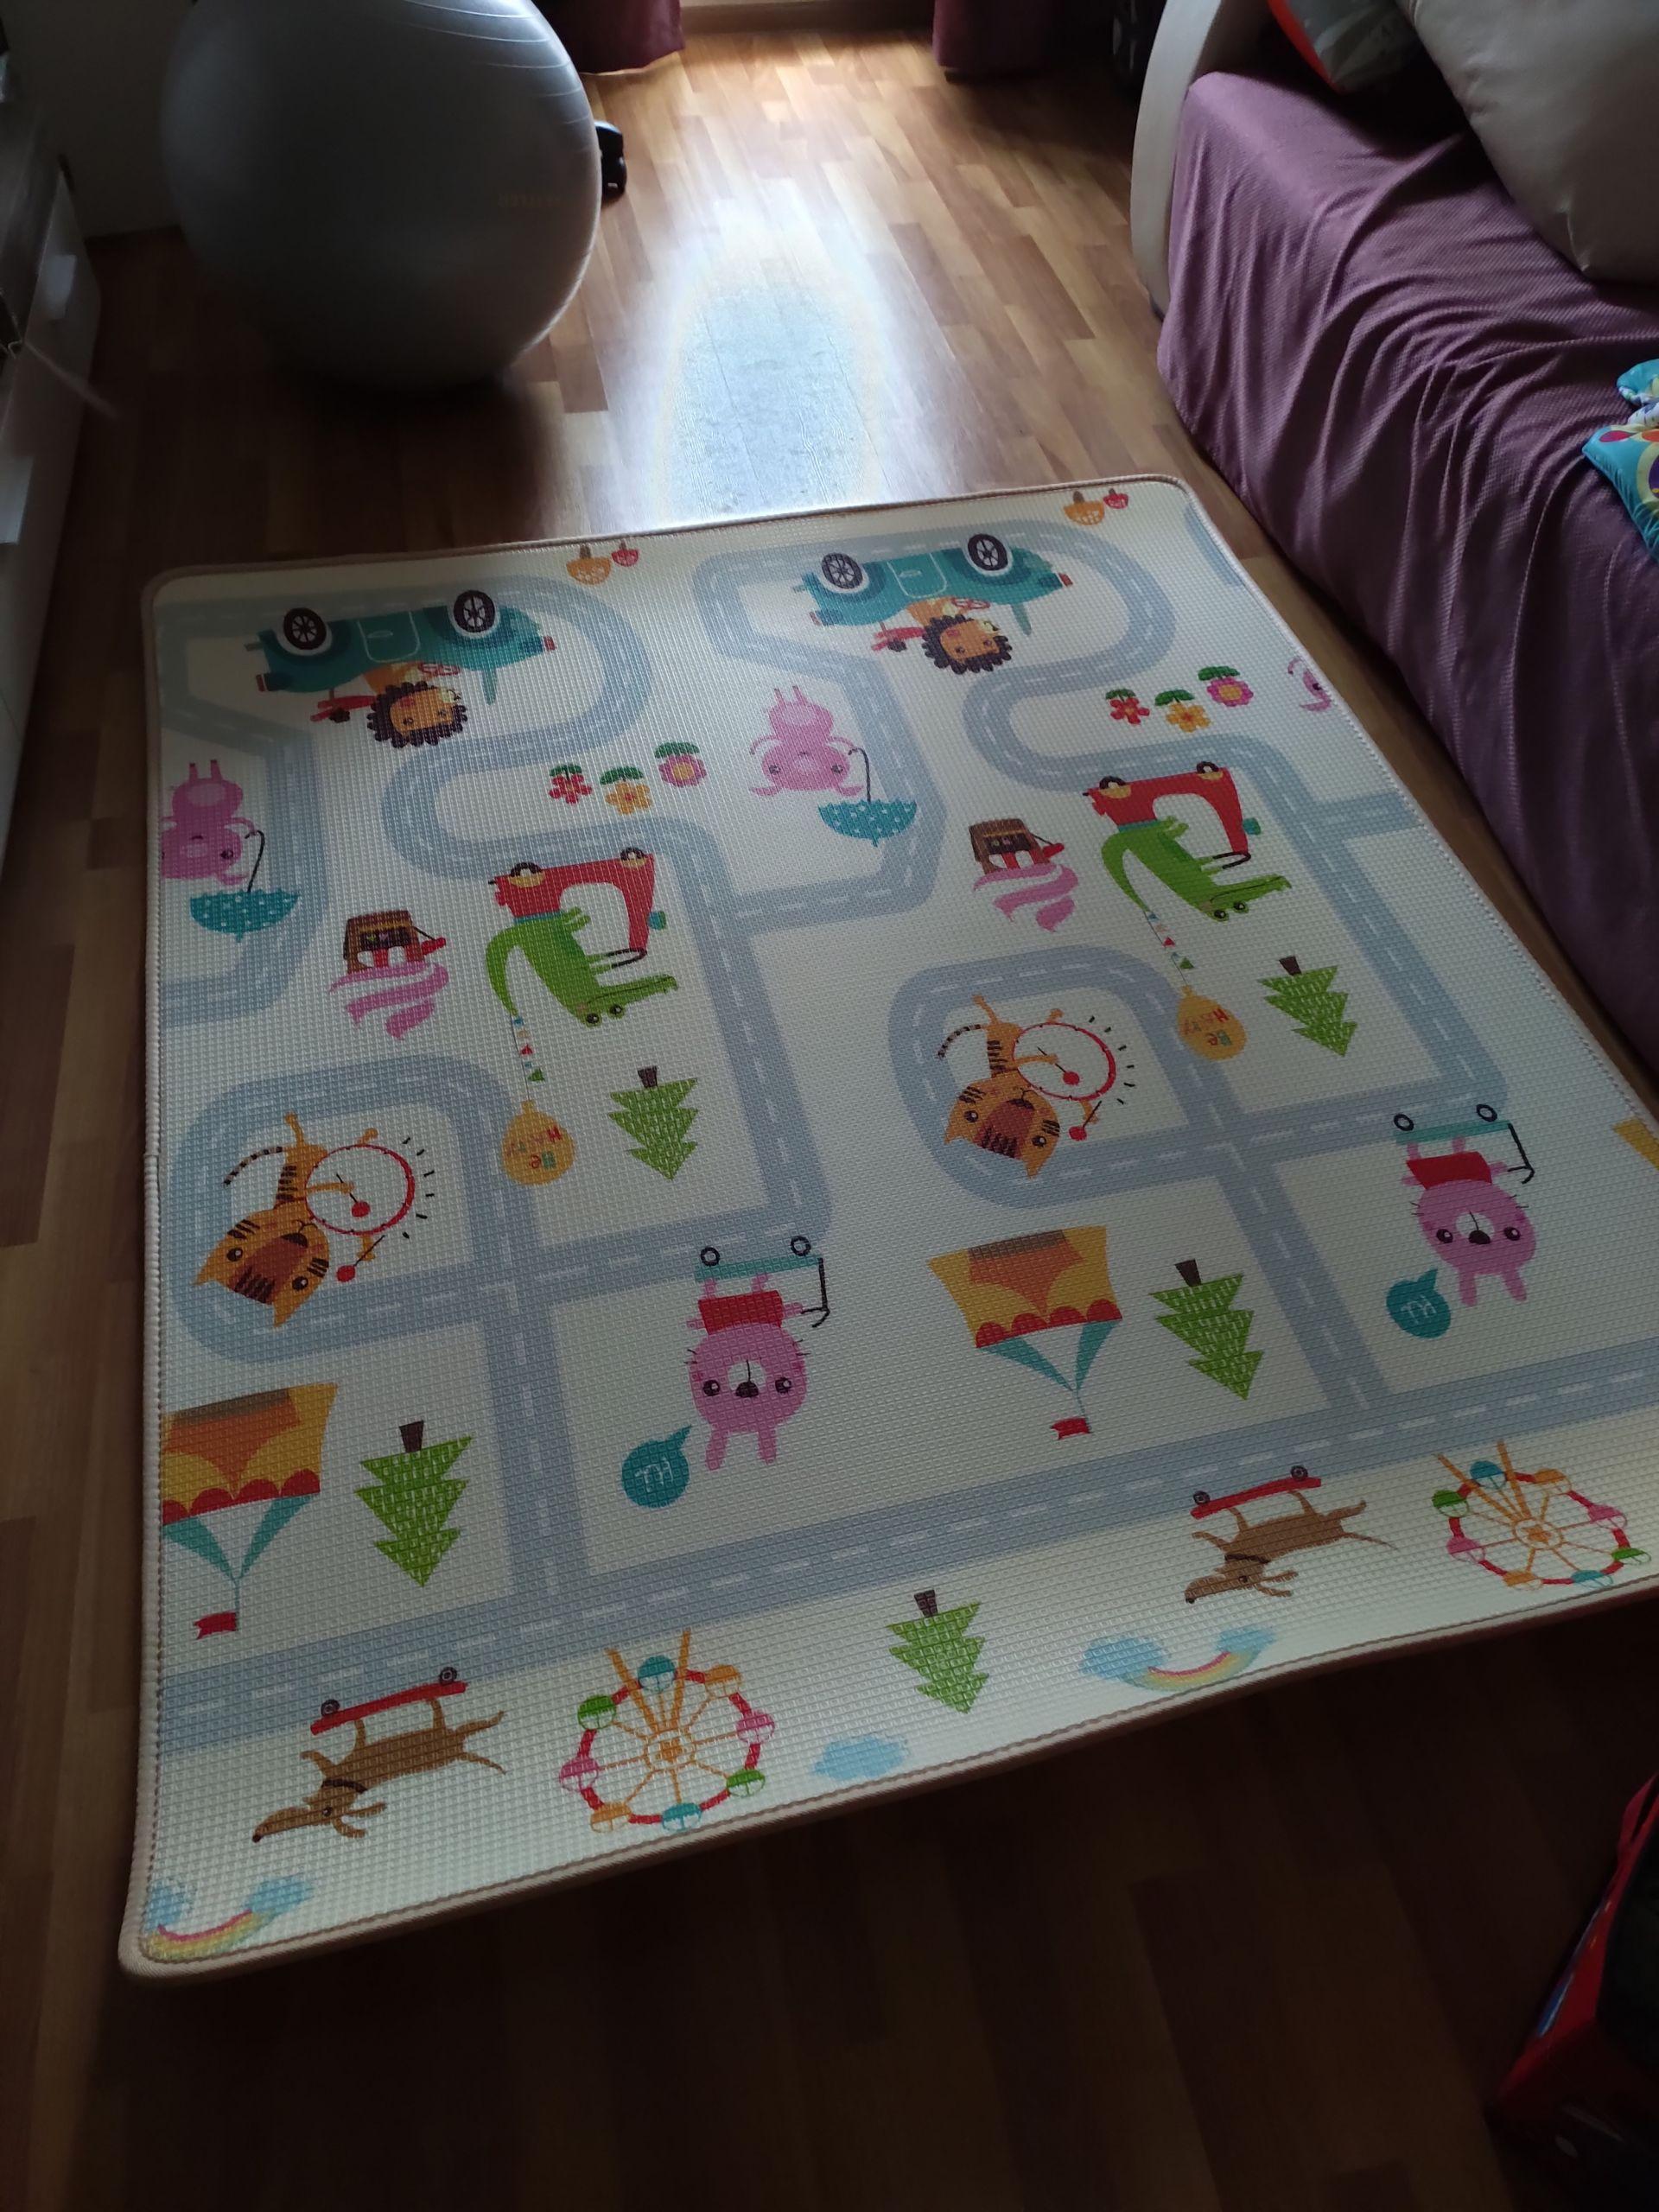 Table De Salon Luxe Игровой коврик forest Friends and Rouds 150х180х1 см Of 34 Luxe Table De Salon